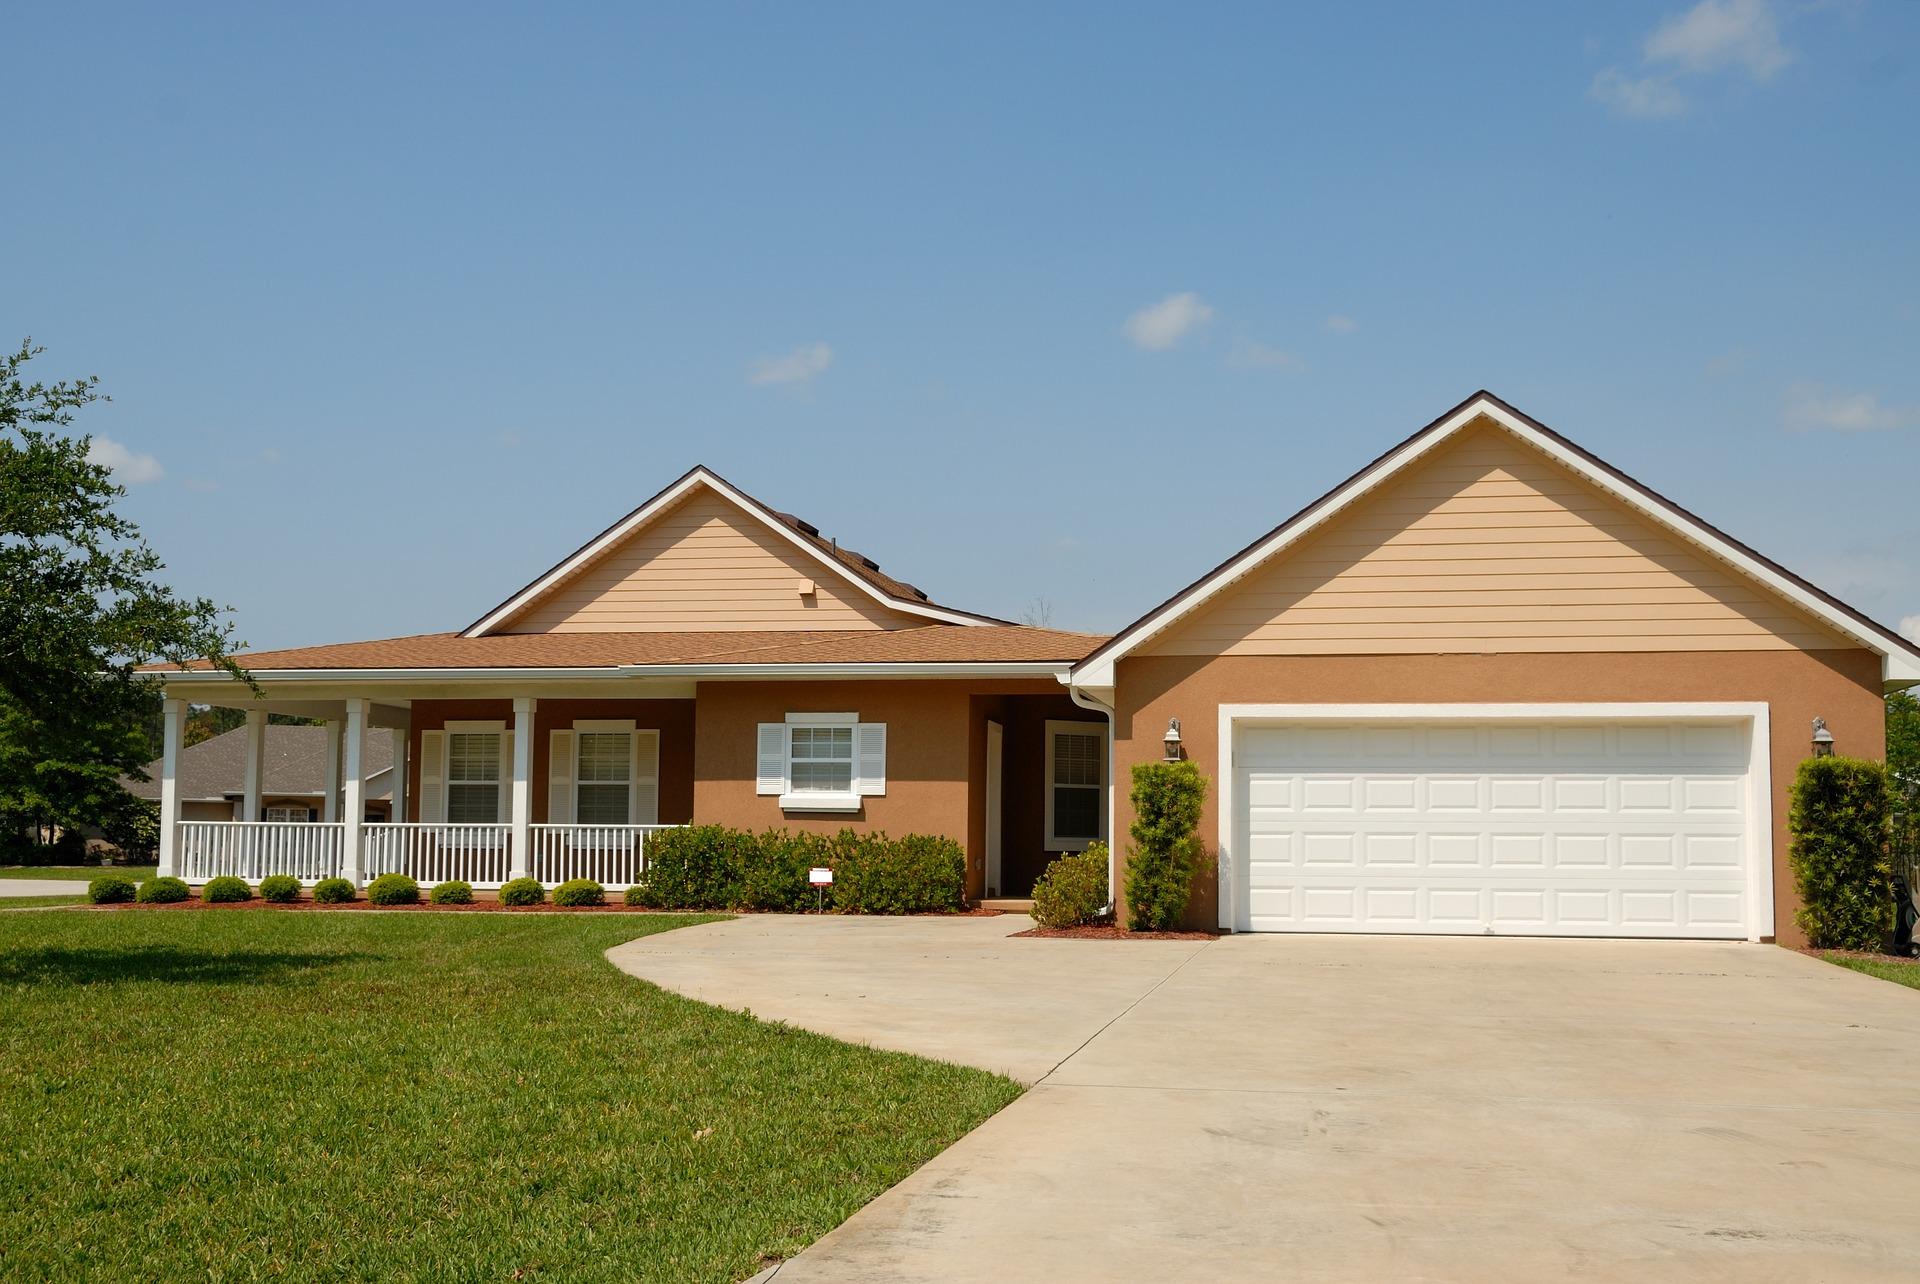 """פלורידה: המחסור בבתים יוצר שוק נדל""""ן לוהט, ופותח דלתות ליזמים זריזים"""